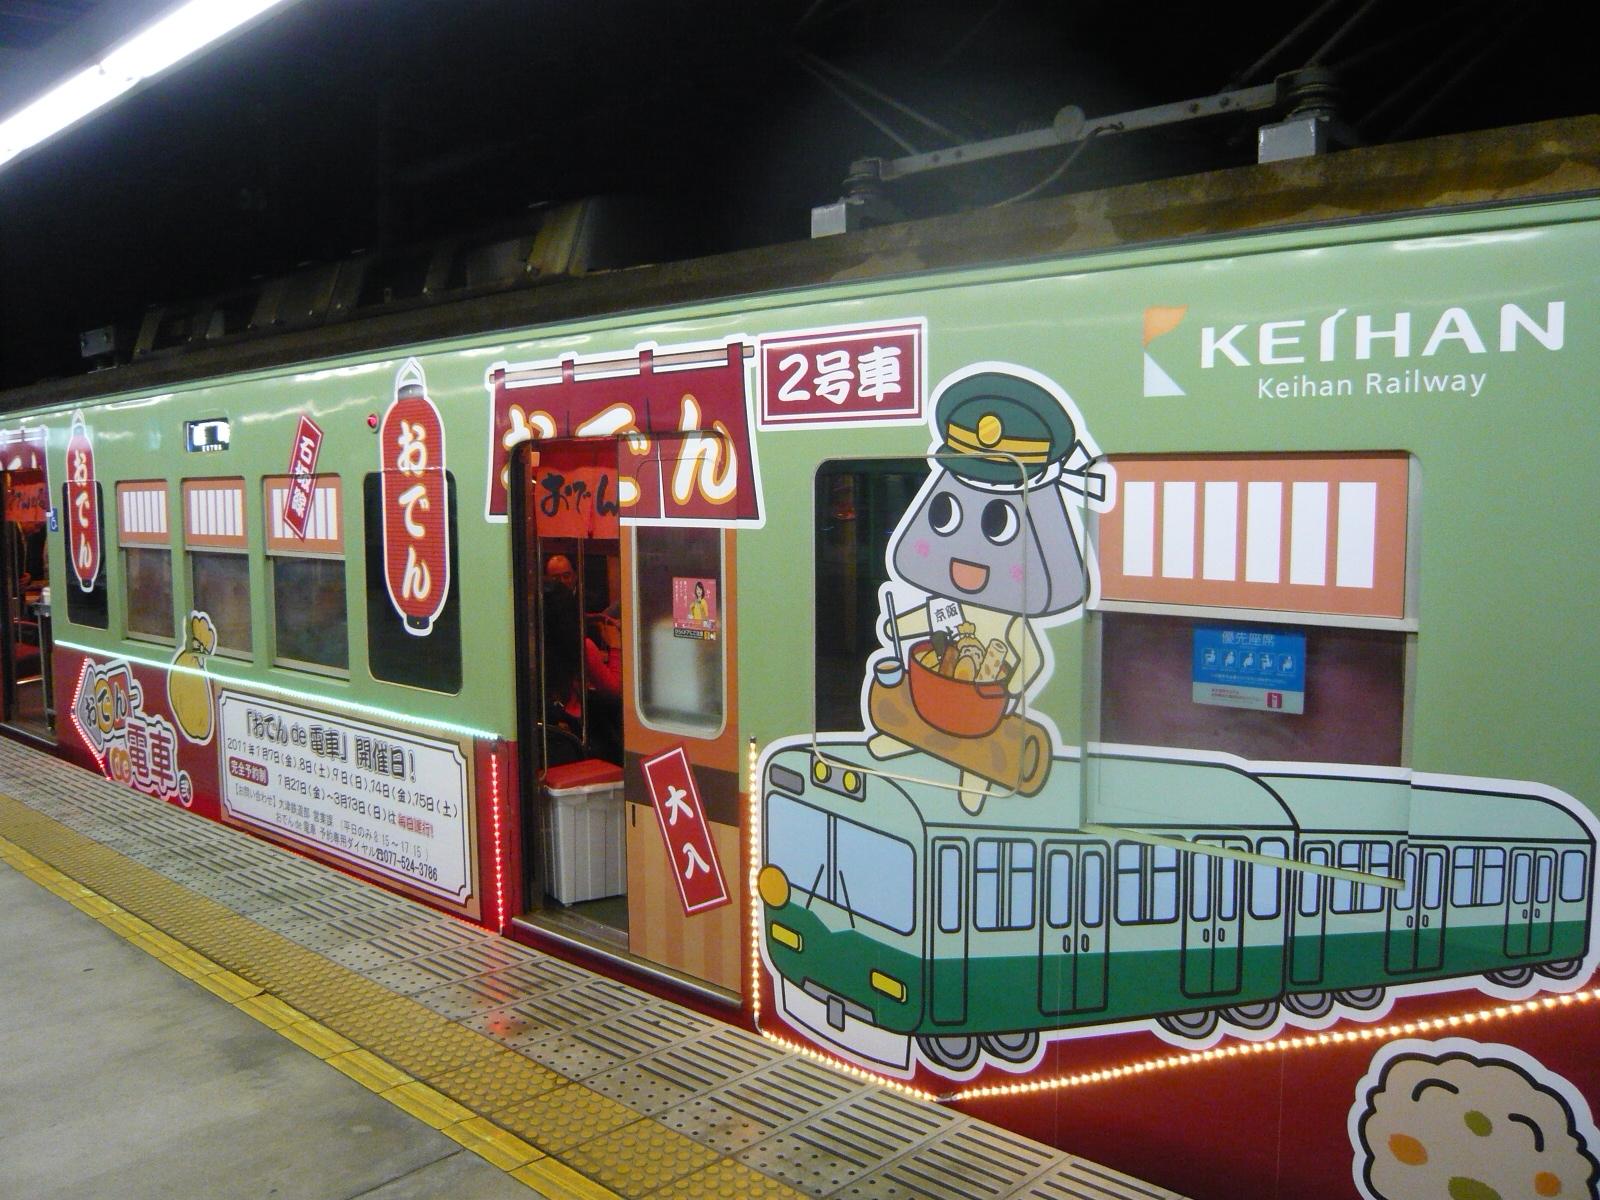 【予約受付中】冬季限定「おでんde電車&汽船deおでん」であったまろ!